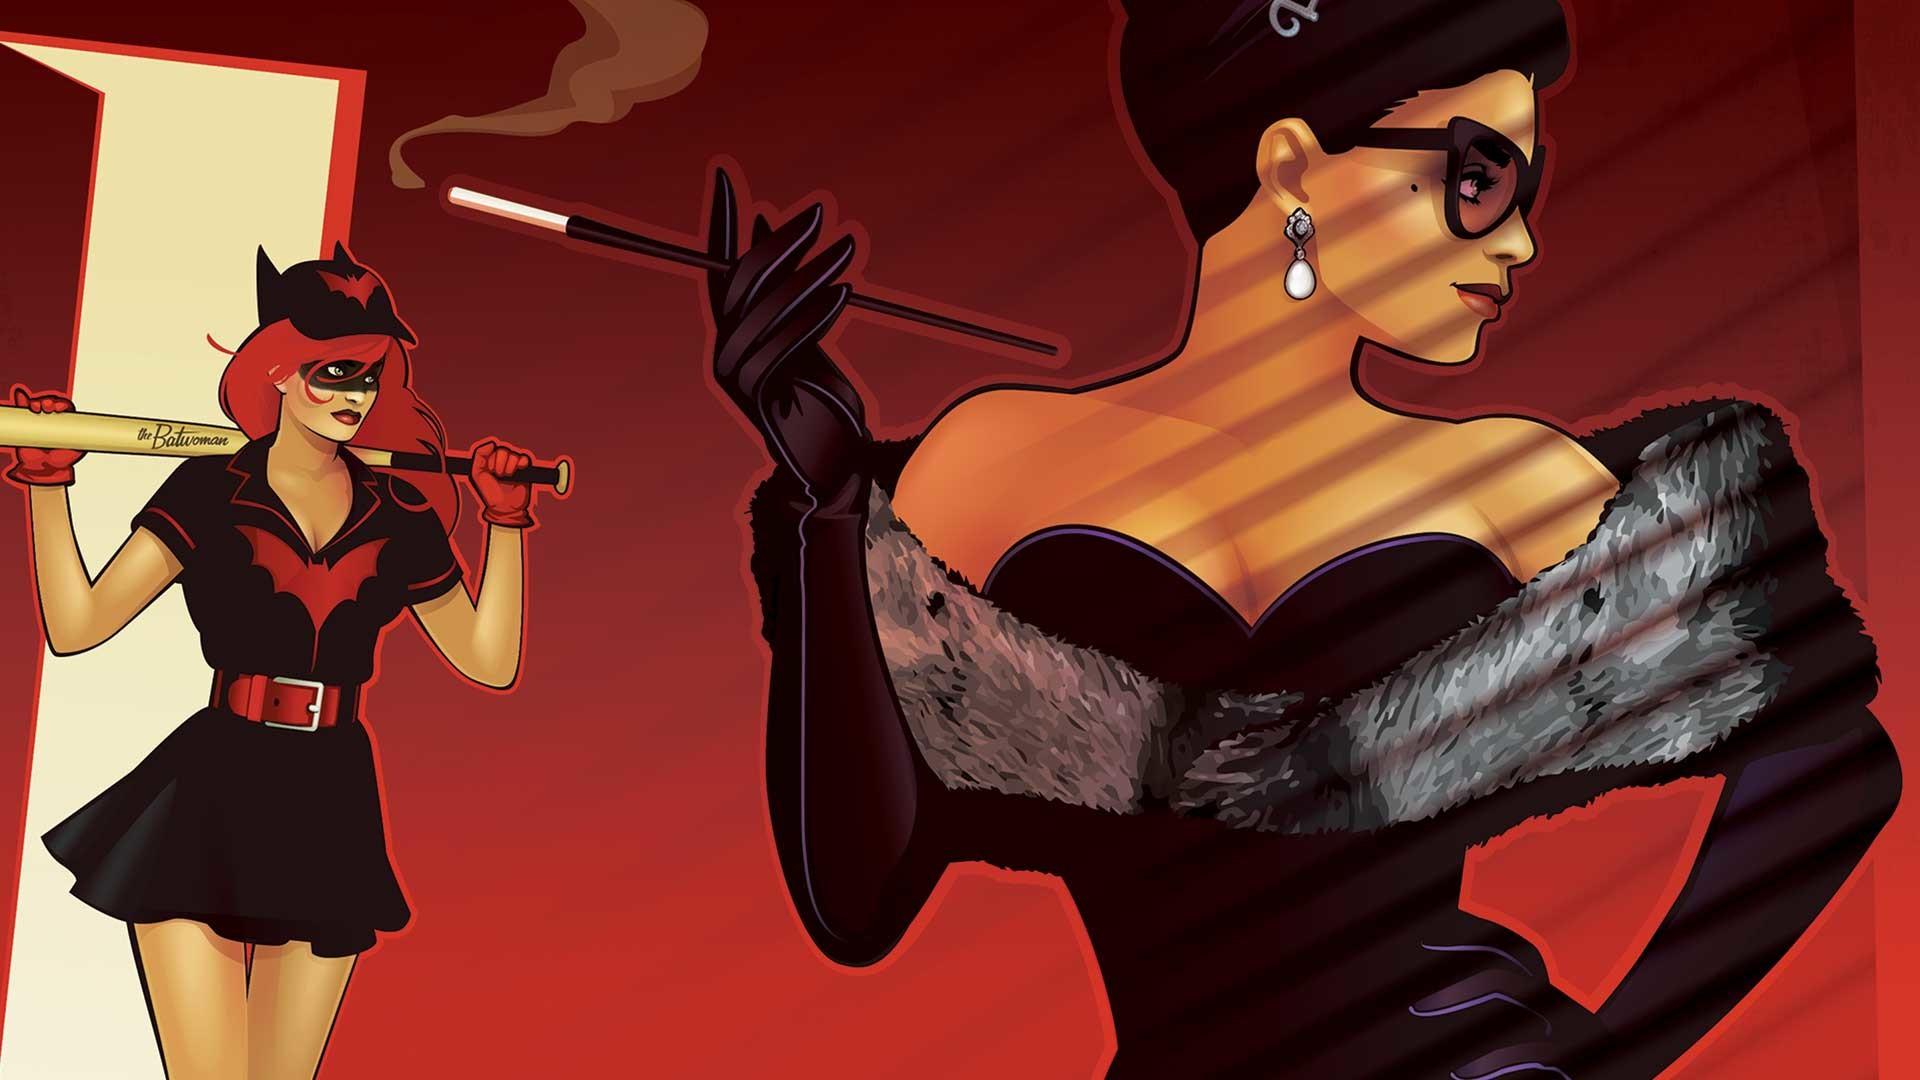 Res: 1920x1080, Comics - Bombshells Batwoman Catwoman DC Bombshells Wallpaper